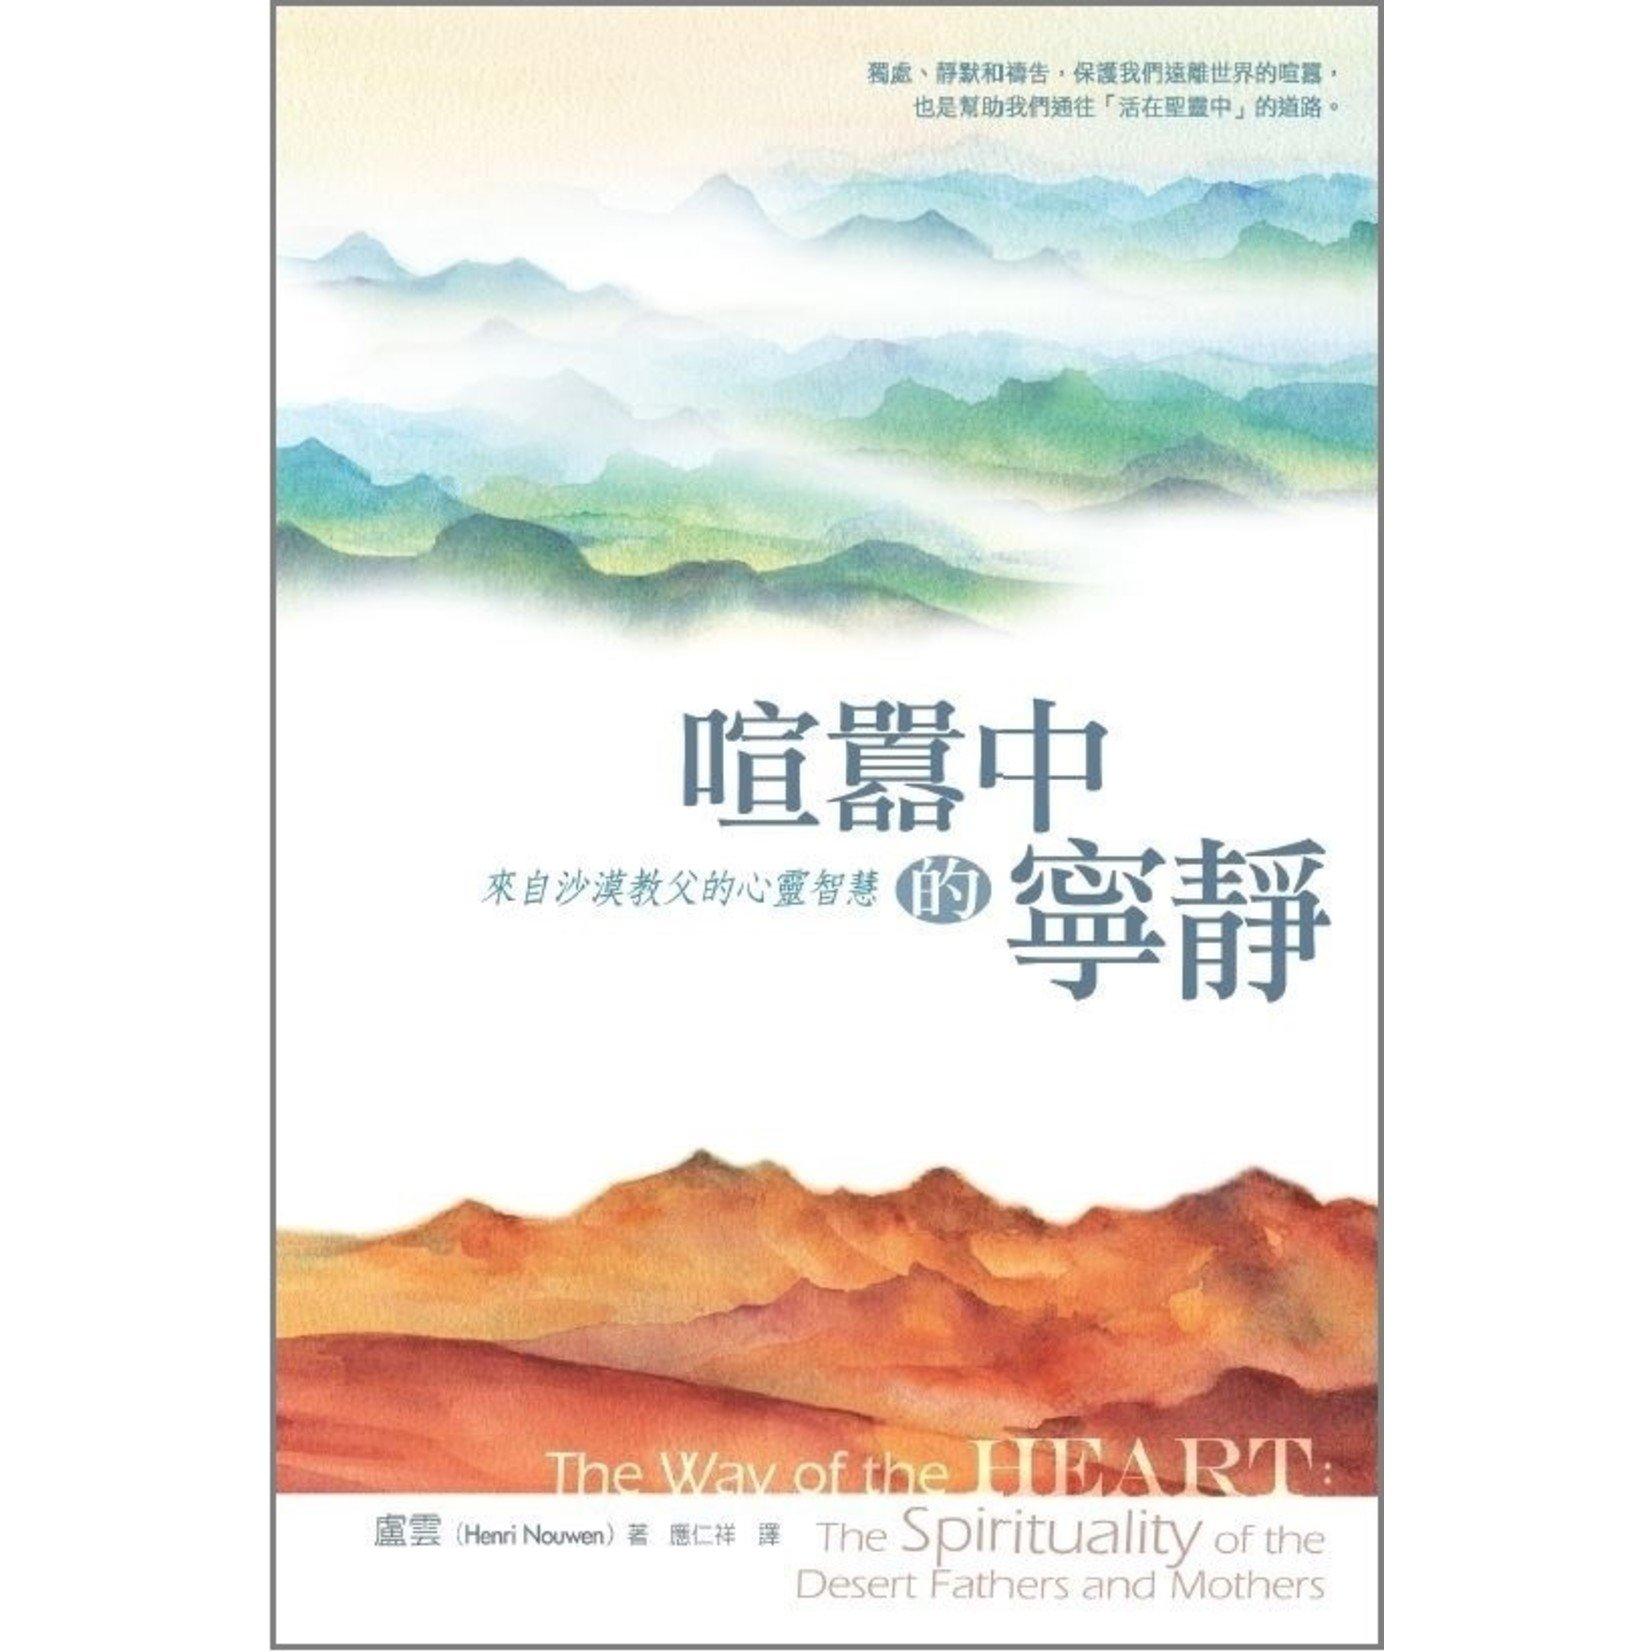 校園書房 Campus Books 喧囂中的寧靜:來自沙漠教父的心靈智慧 The way of the heart: the spirituality of the Desert Fathers and Mothers